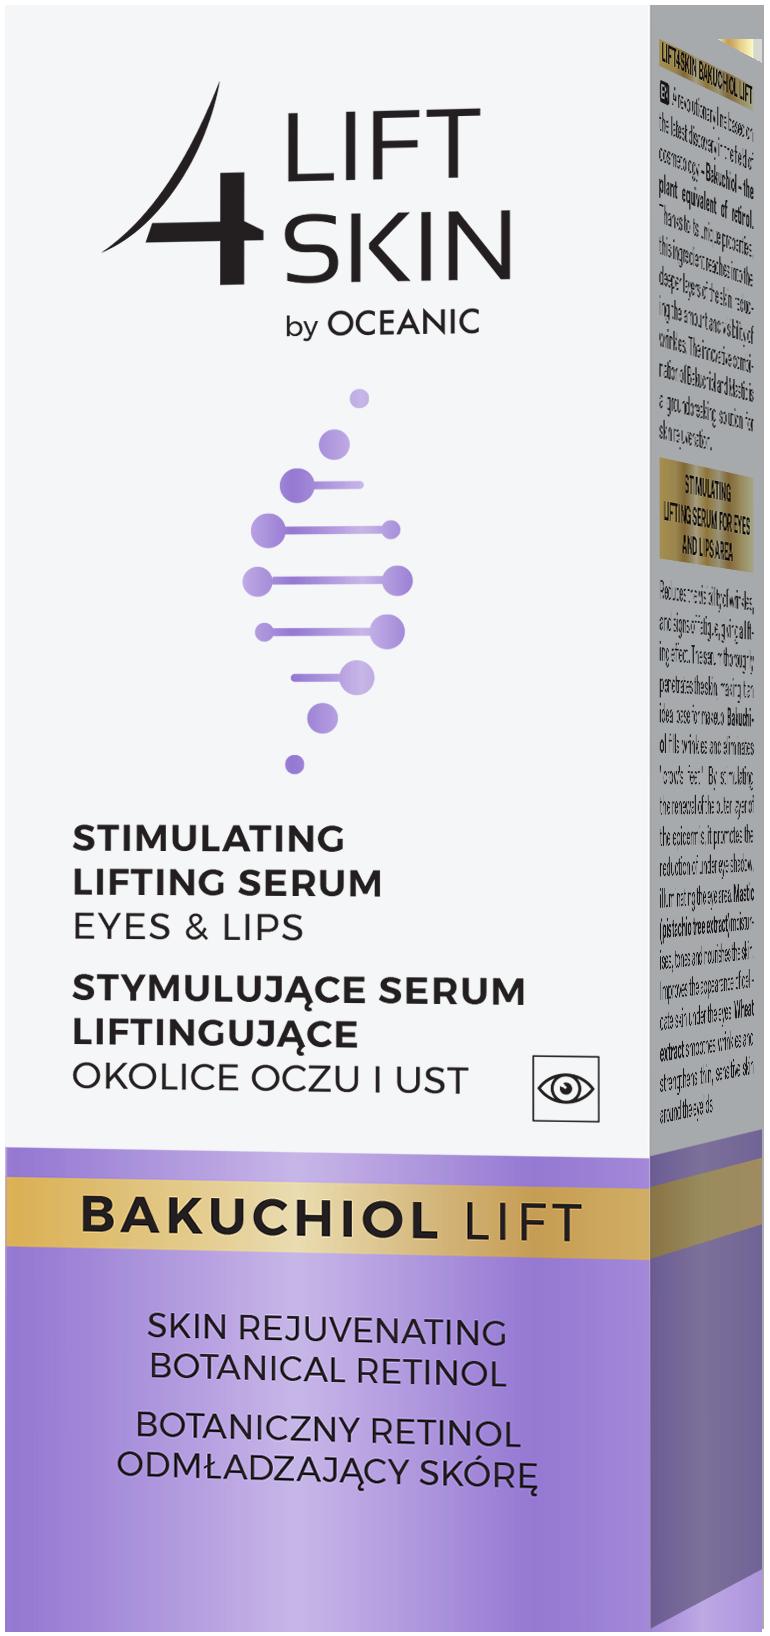 Stymulujące serum liftingujące okolice oczu iust zbotanicznym retinolem